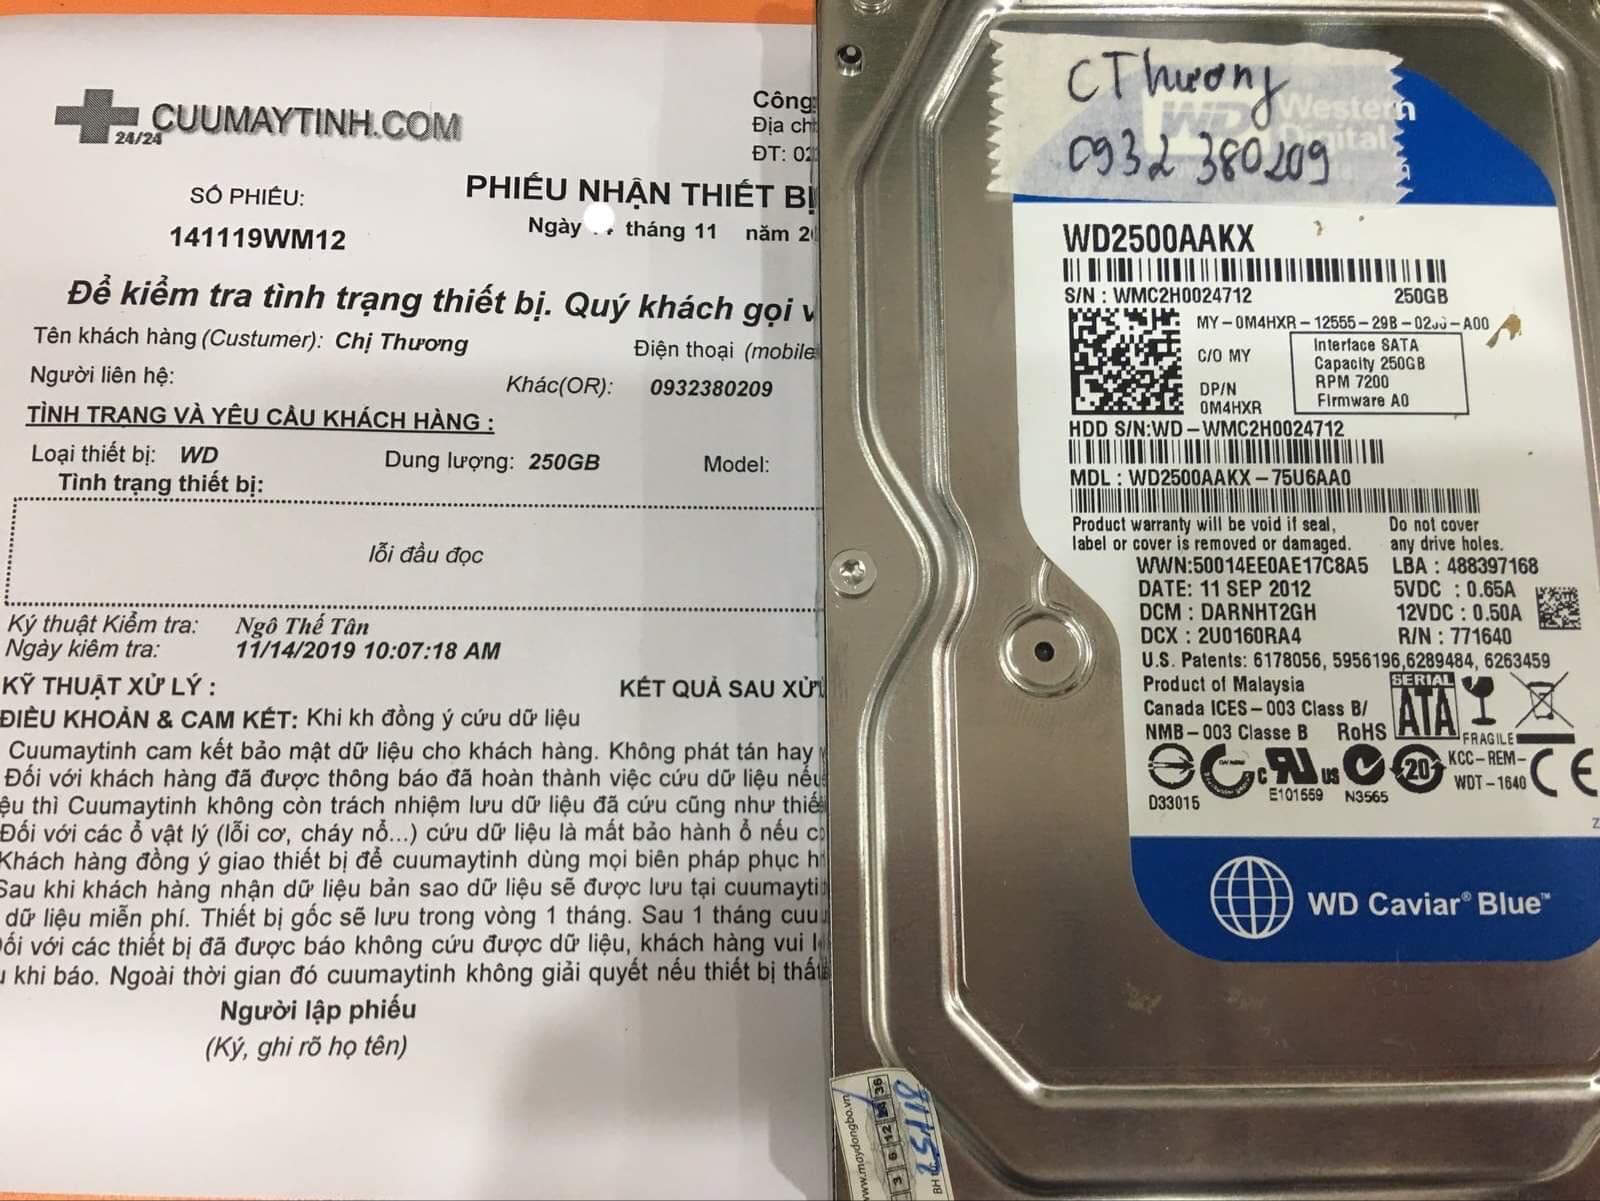 Khôi phục dữ liệu ổ cứng Western 250GB lỗi đầu đọc 23/11/2019 - cuumaytinh